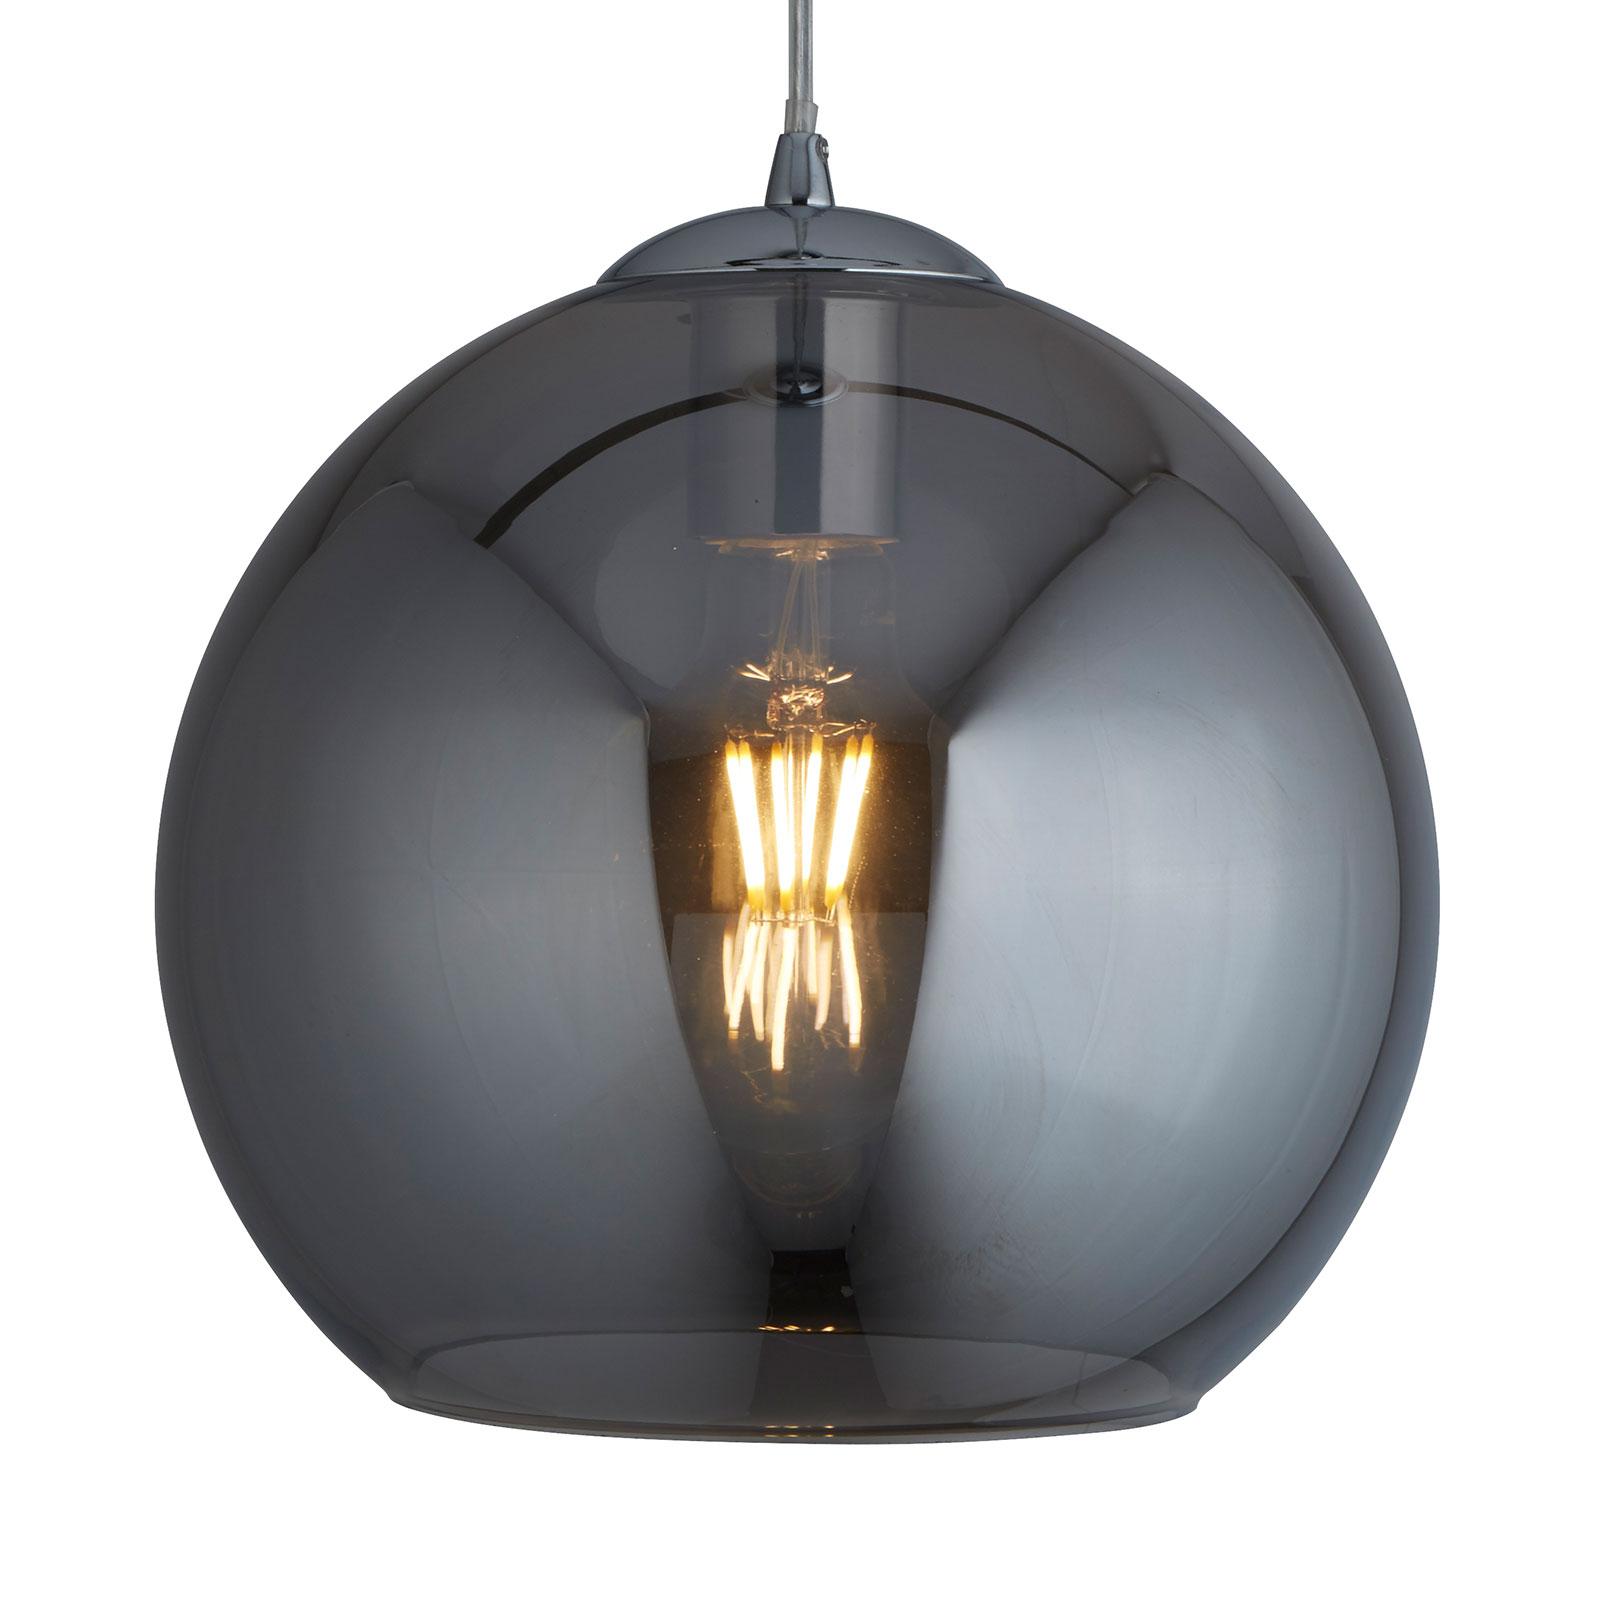 Lampa wisząca Balls, kulki szklane szare, Ø 35cm